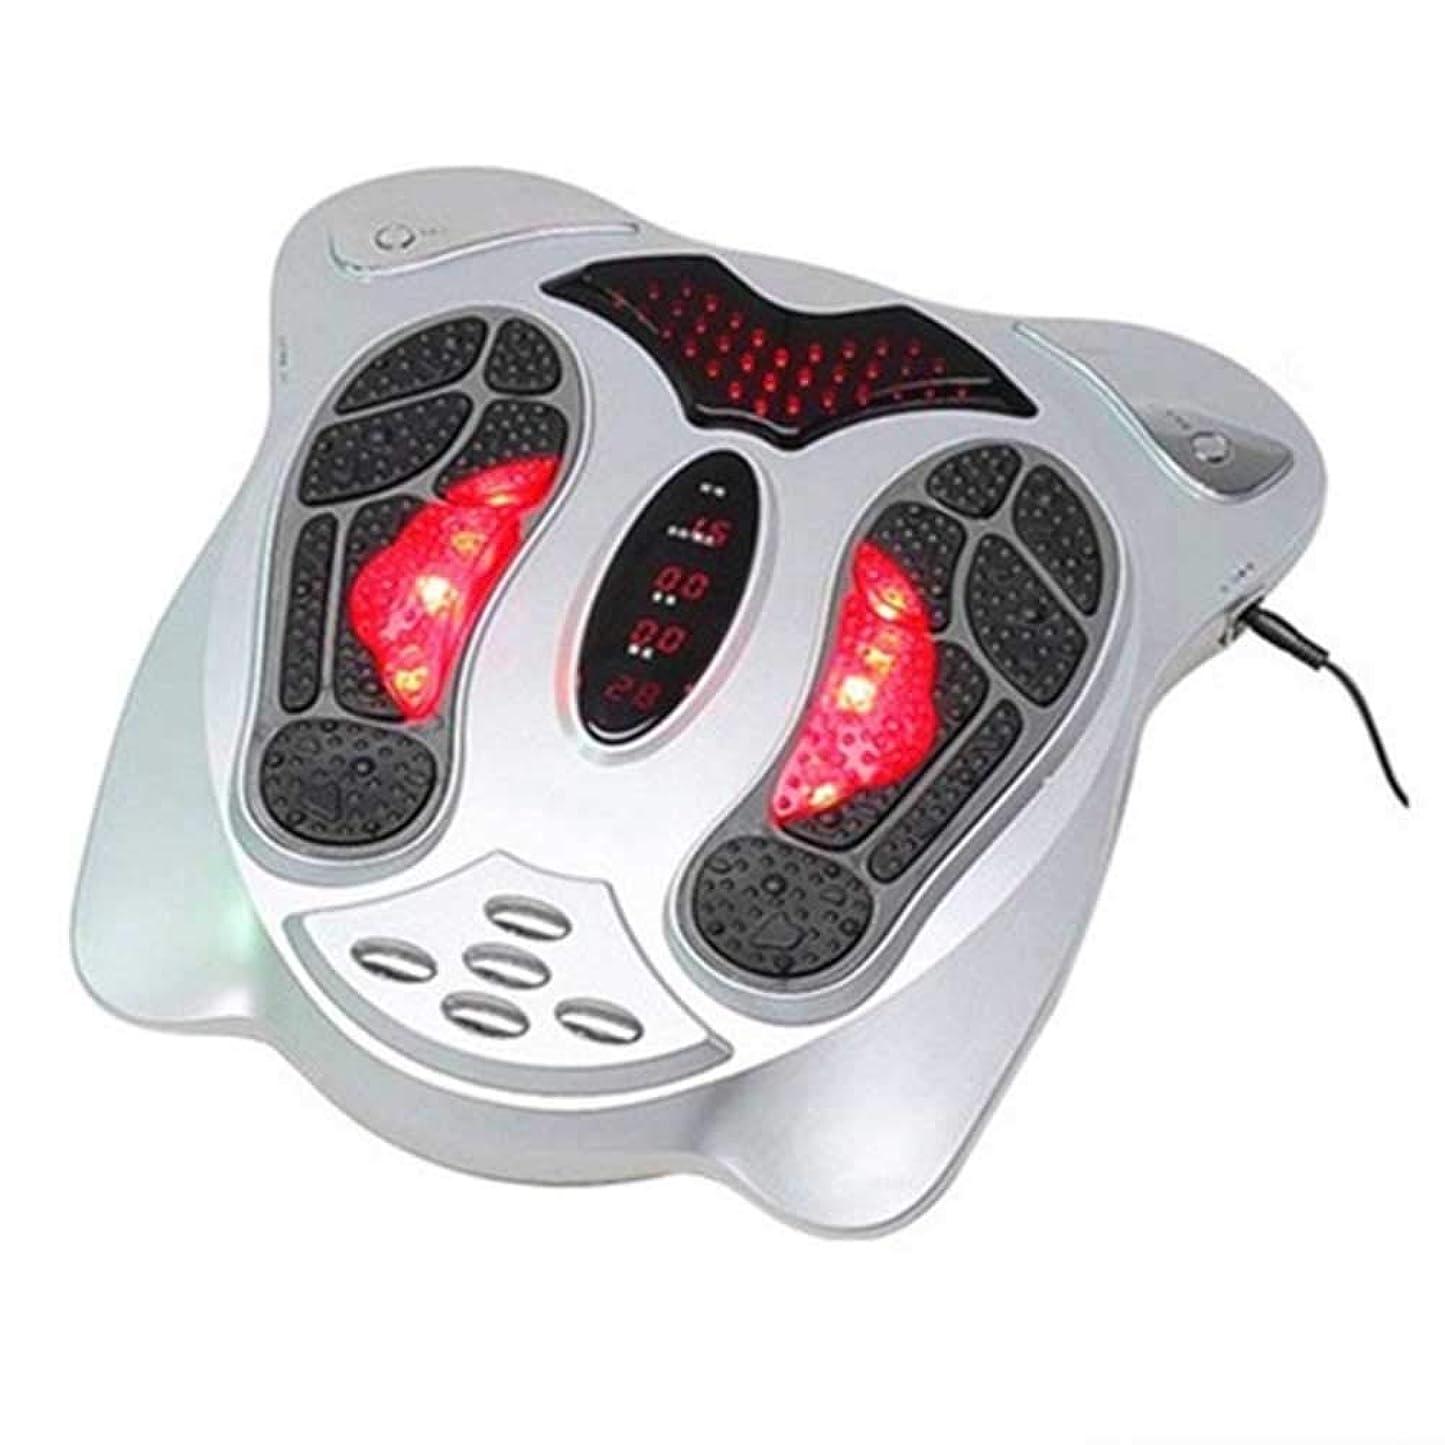 周辺抑圧するジャニス血液循環を促進リモートコントロールフットマッサージャー電気脚低周波パルス鍼マッサージャー低周波健康療法機器インテリジェント、シルバー